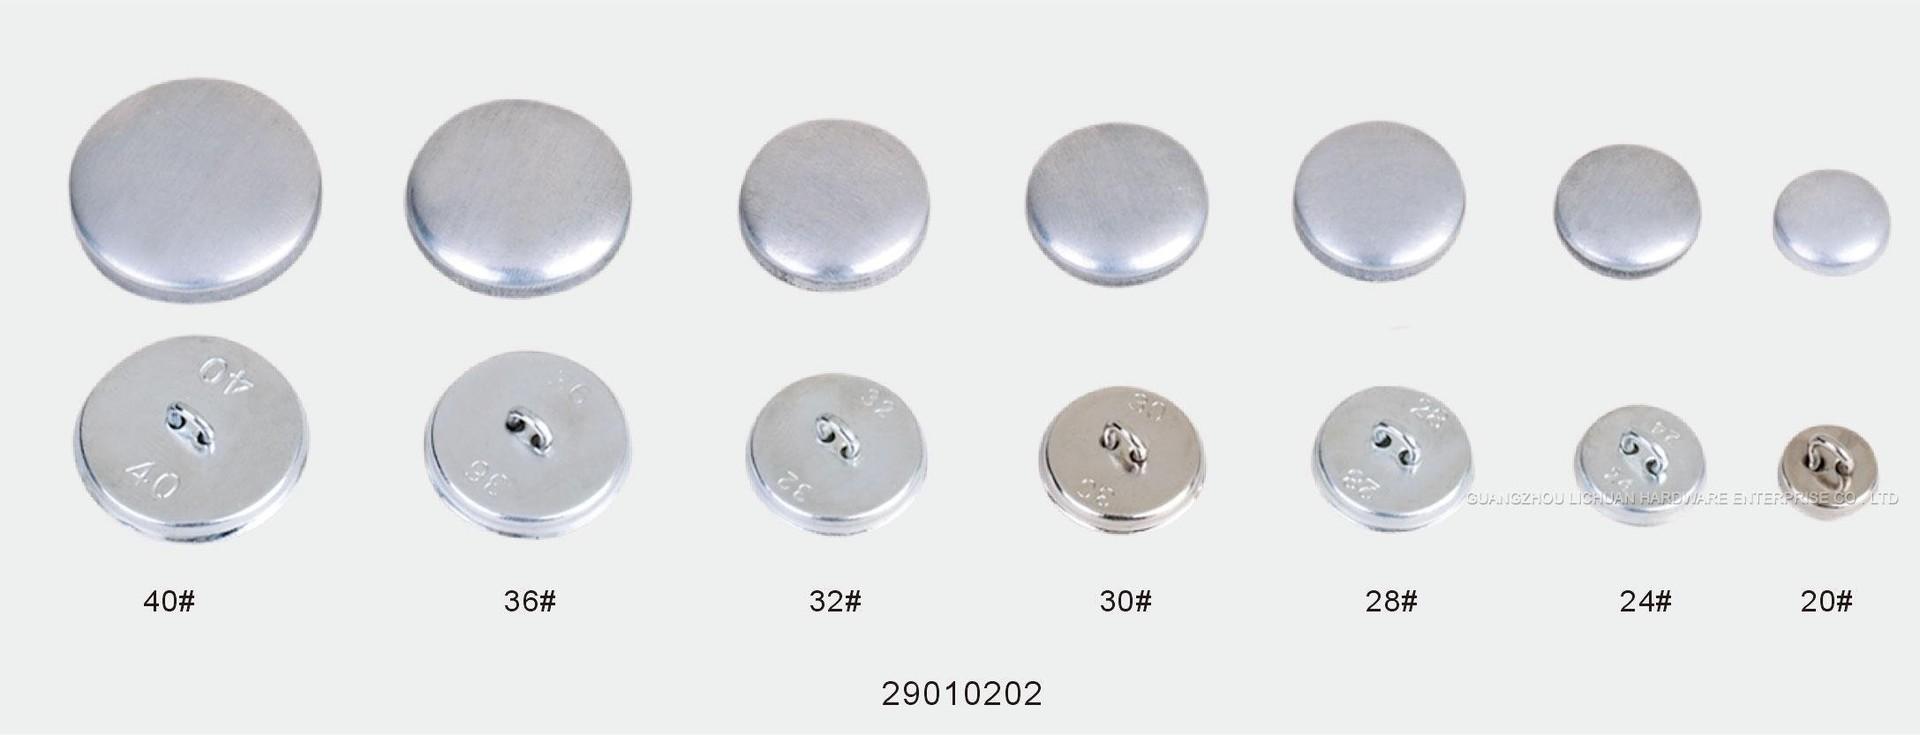 sofa button